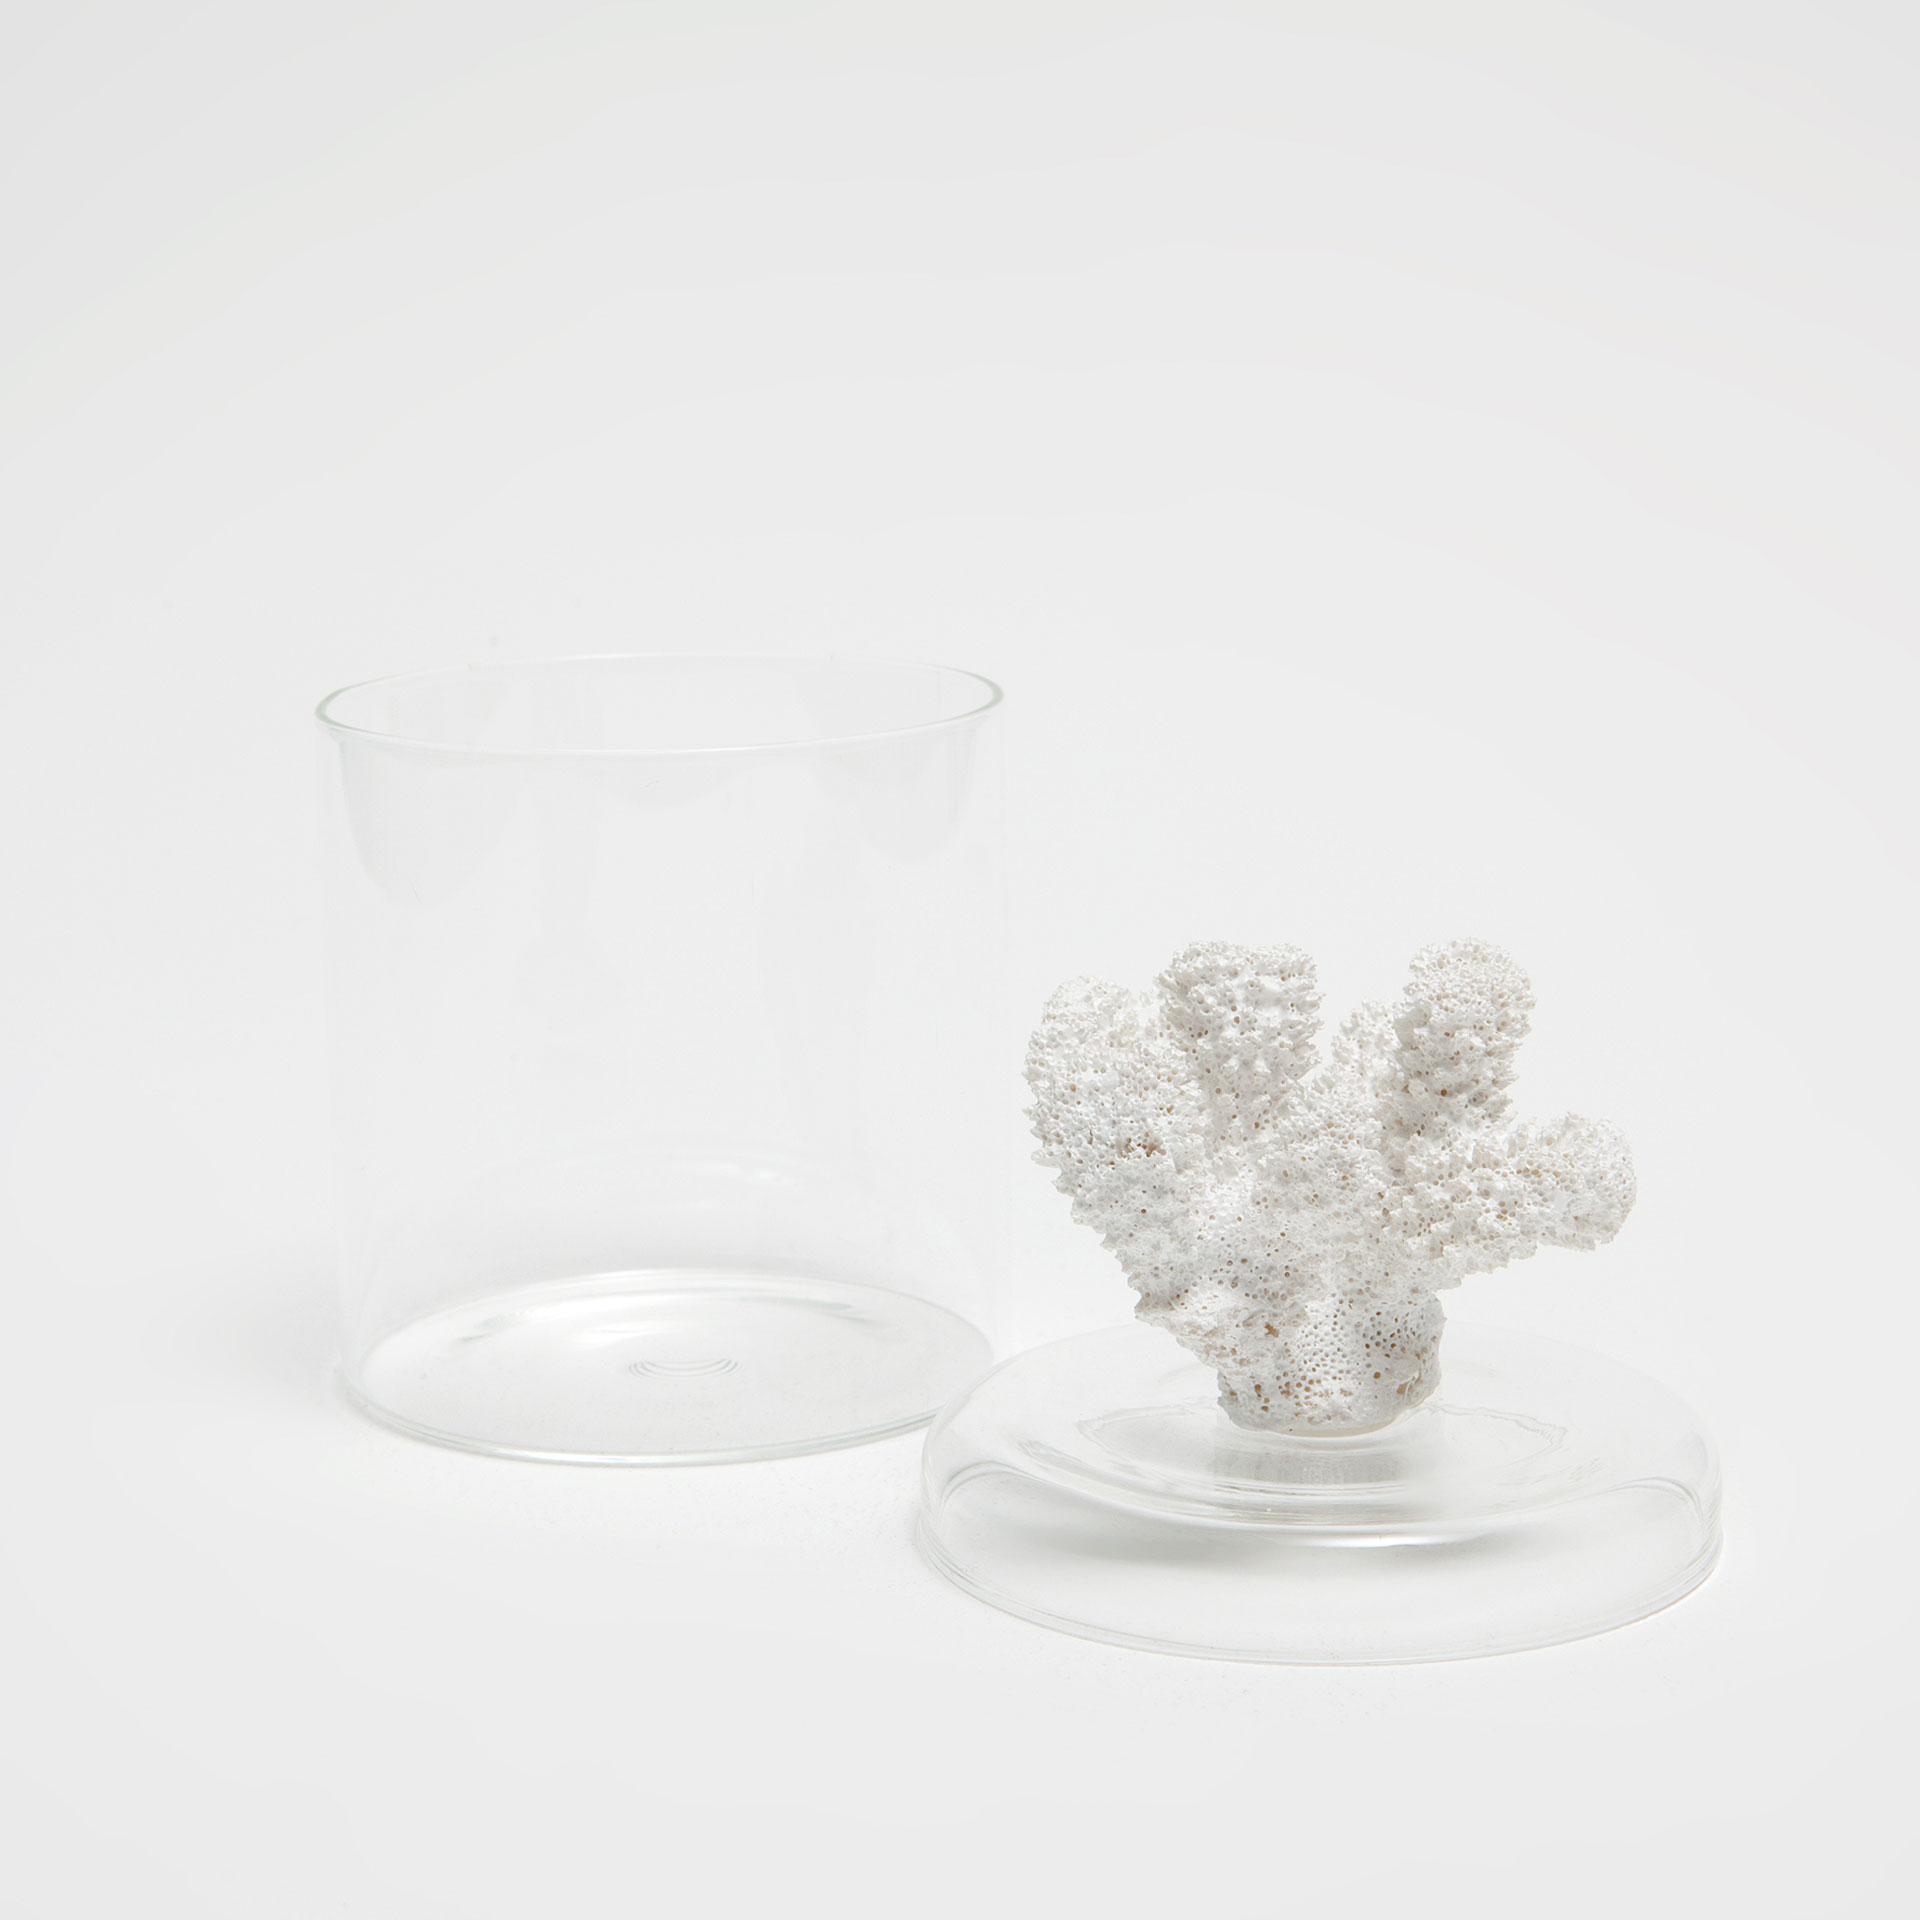 glasbehälter mit korallendeckel - badaccessoires - bad | zara home, Hause ideen